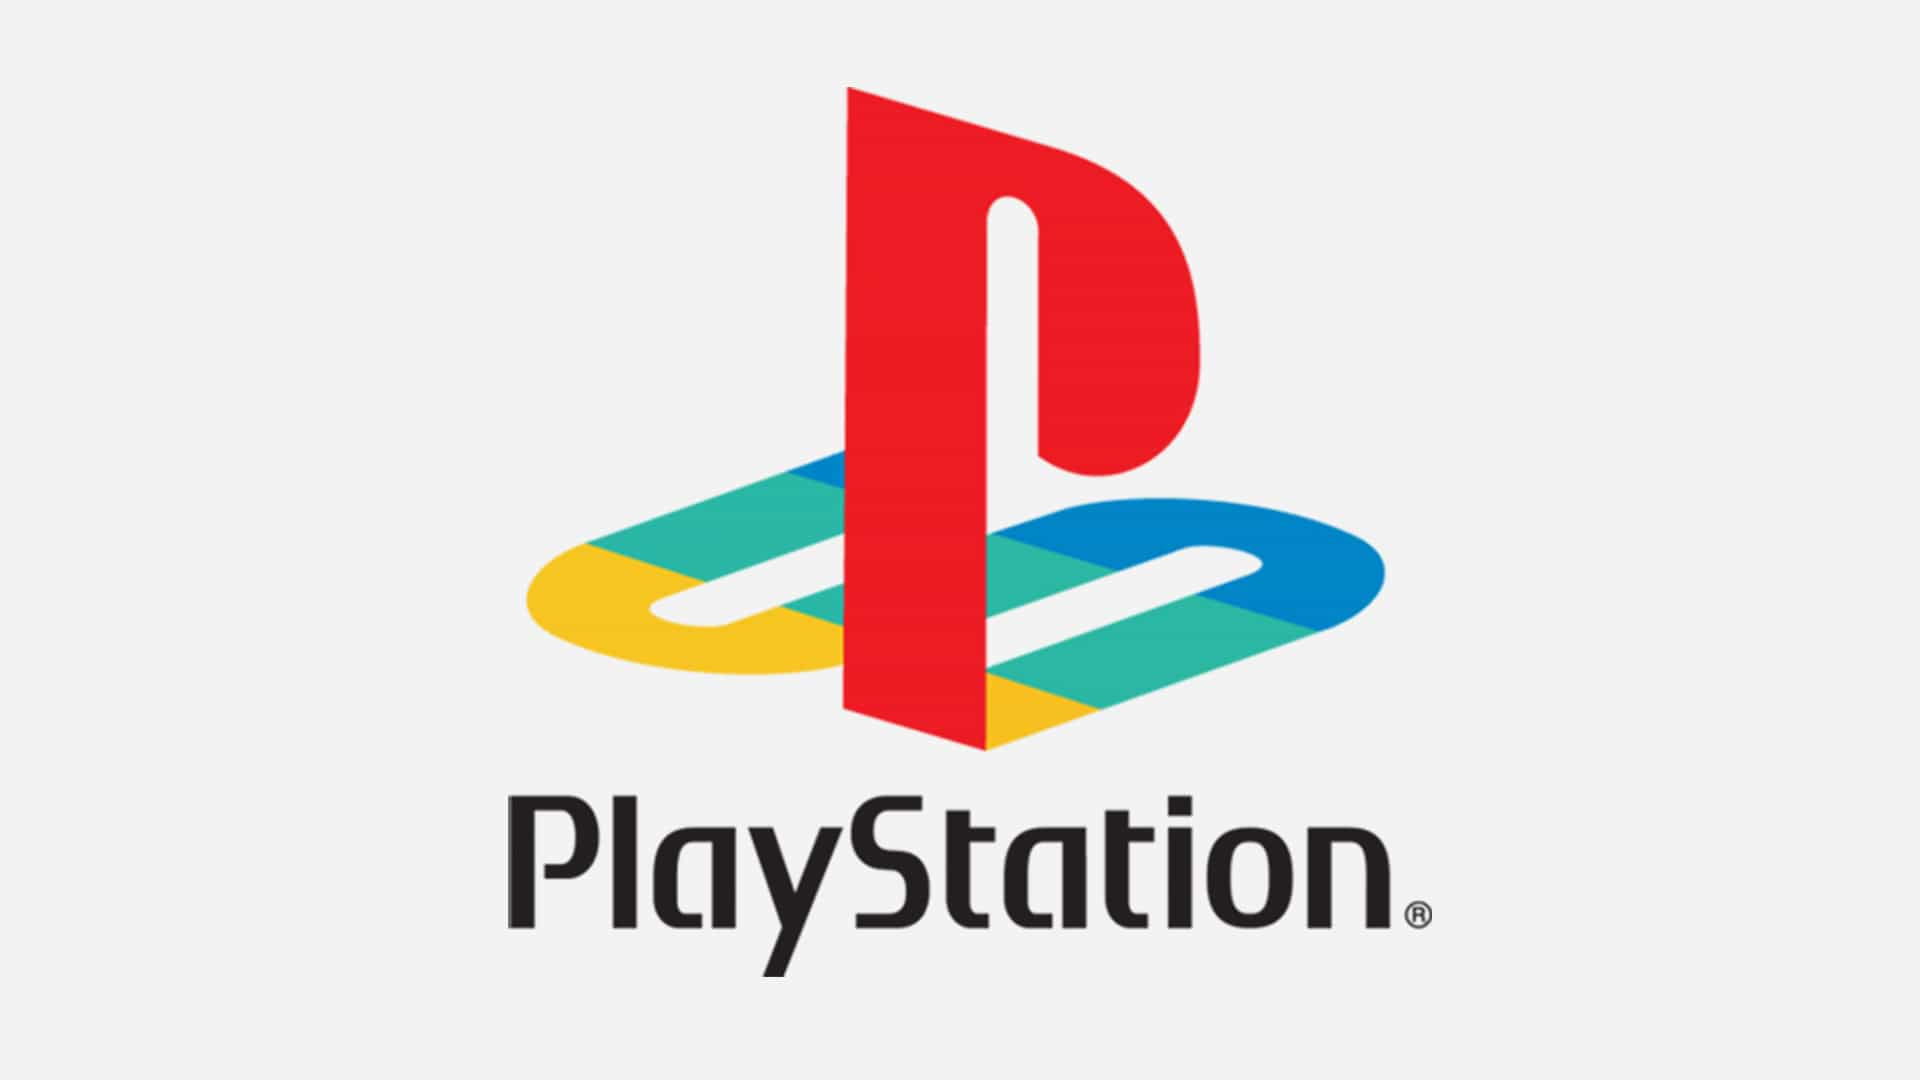 El logo de PlayStation desde atrás es la imagen más maldita en línea